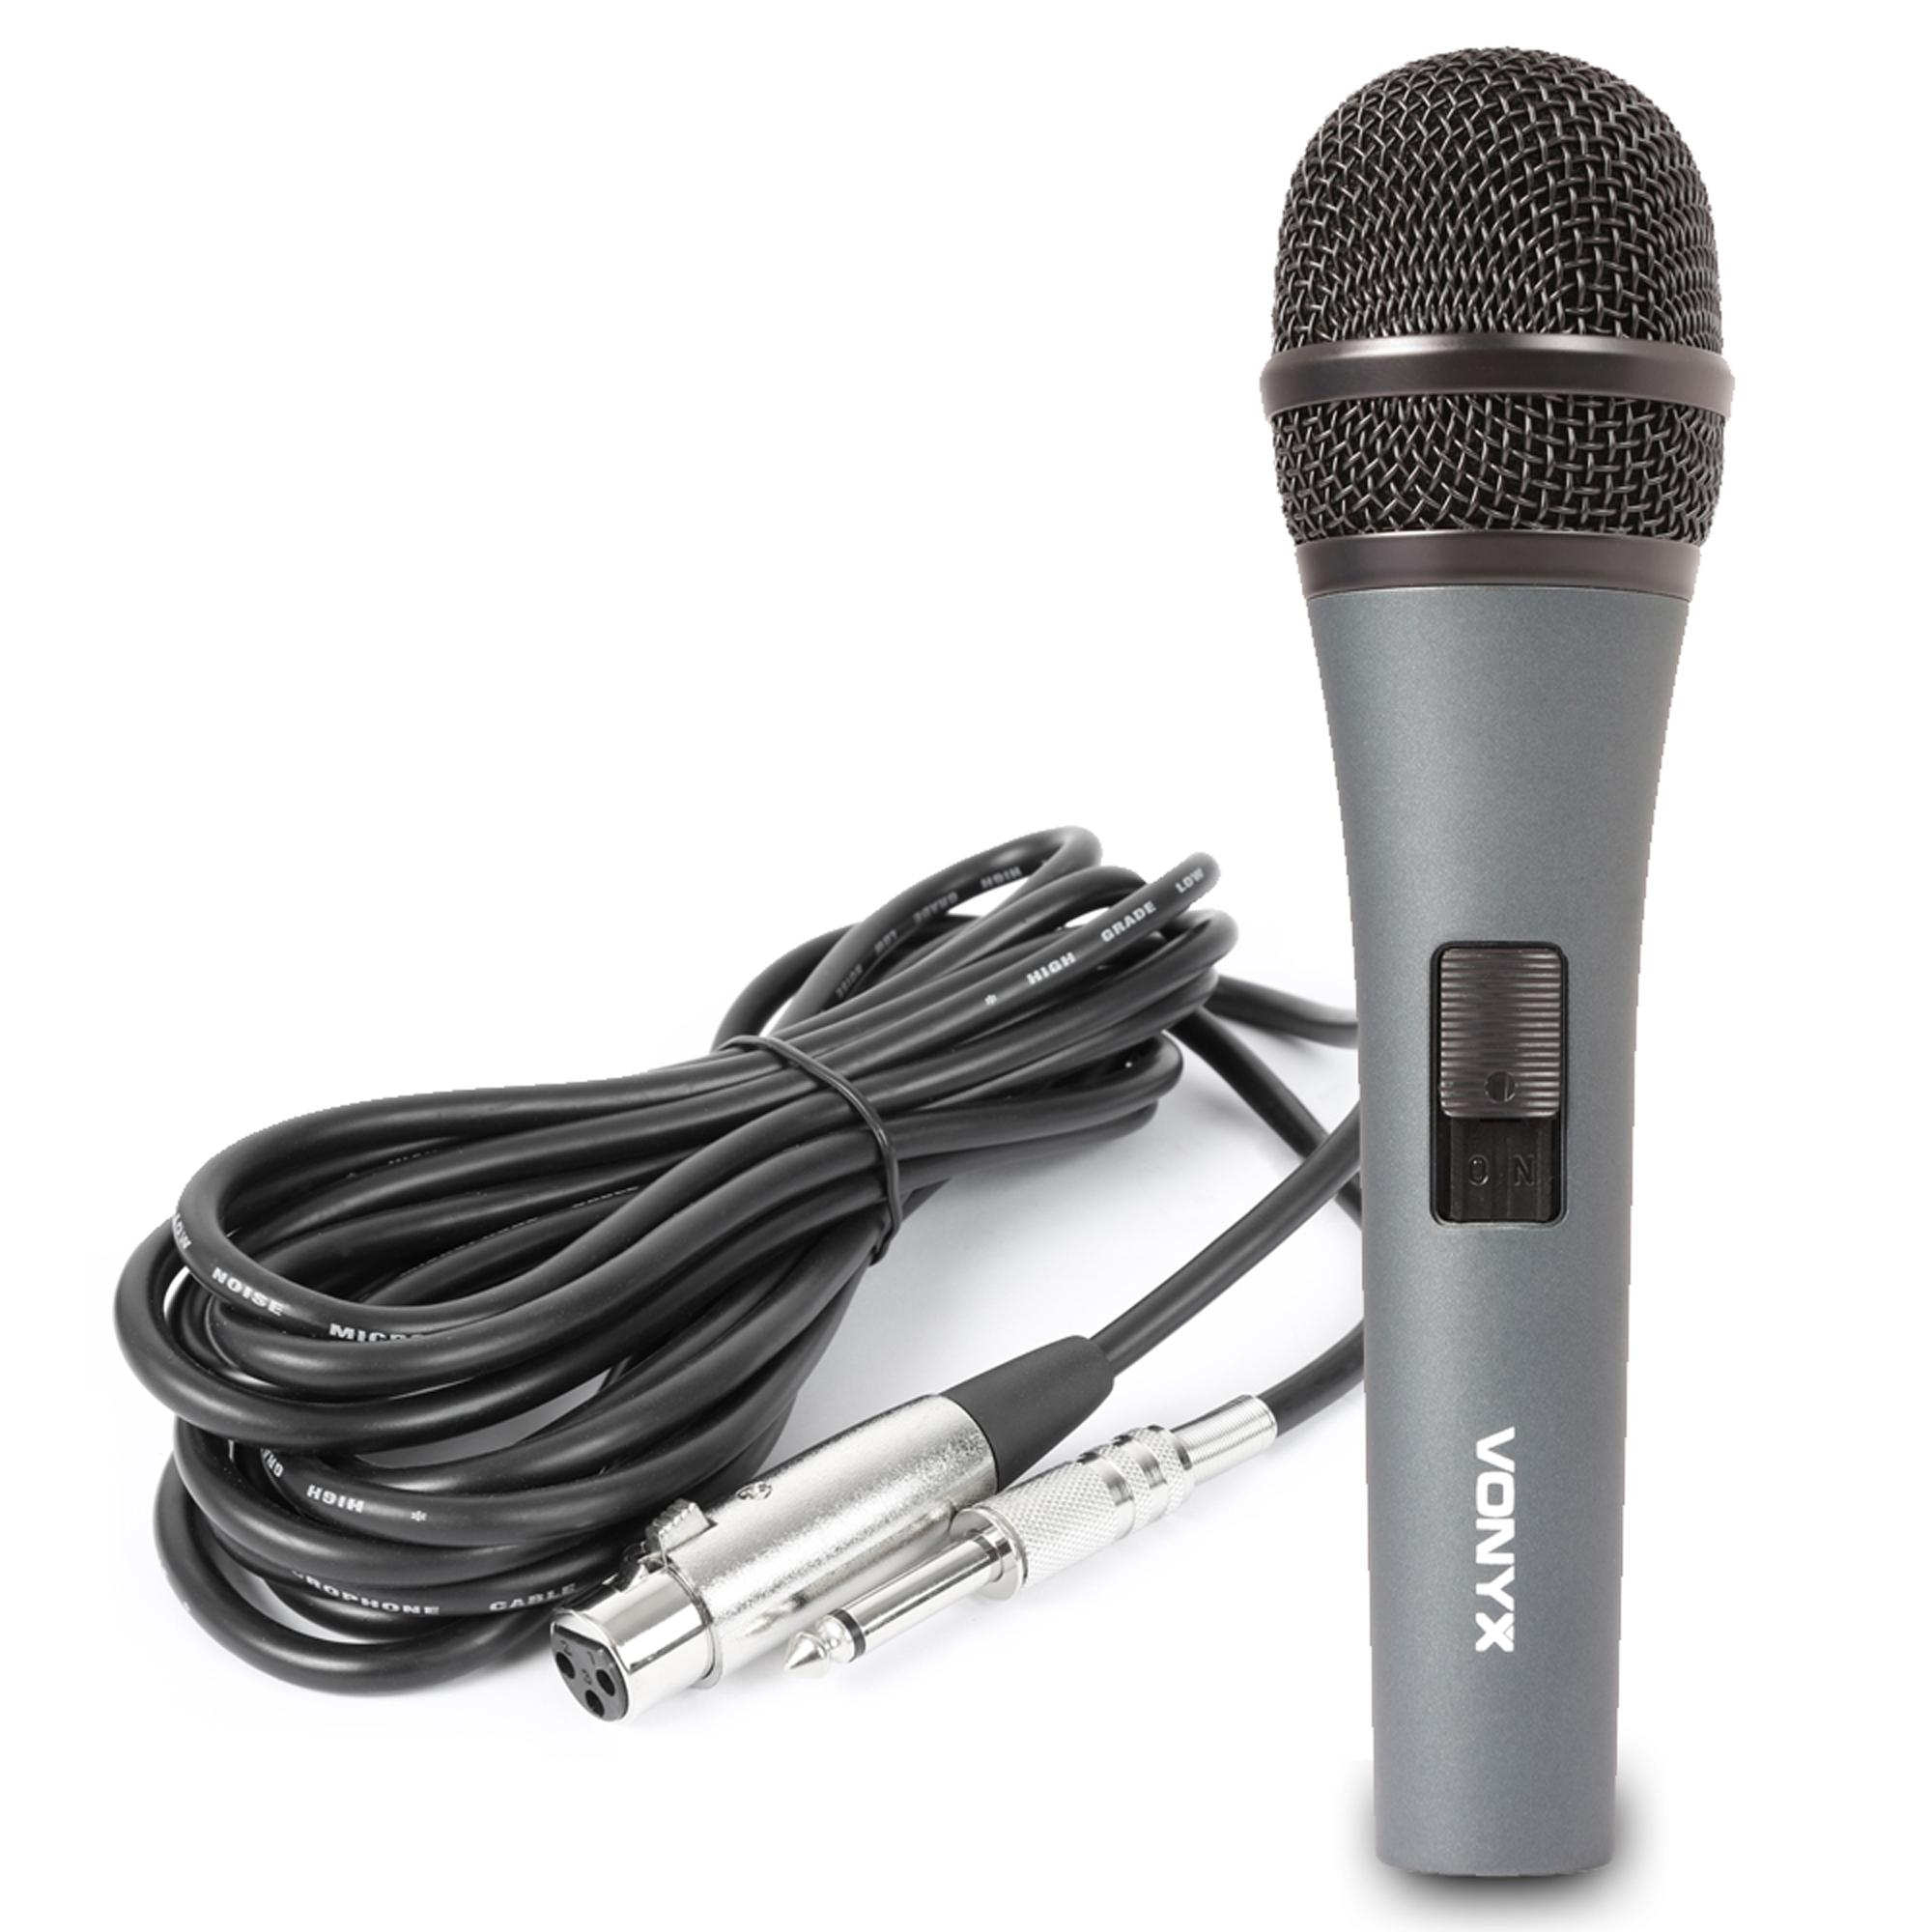 Vonyx DM825 Wired Microphone